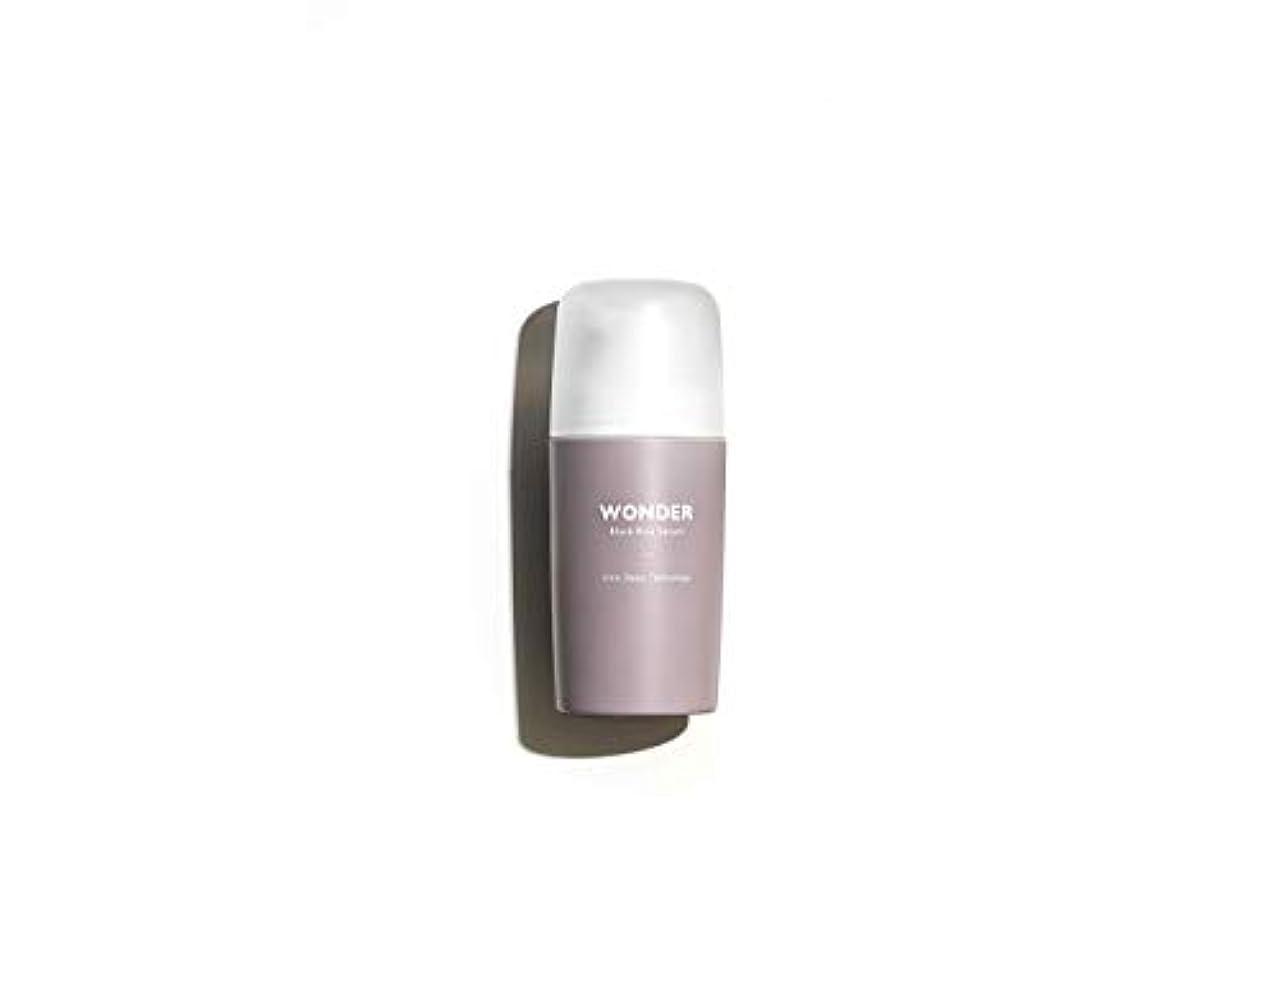 取り扱い週間レオナルドダHaruharu(ハルハル) ハルハルワンダー BRセラム 美容液 天然ラベンダーオイルの香り 30ml